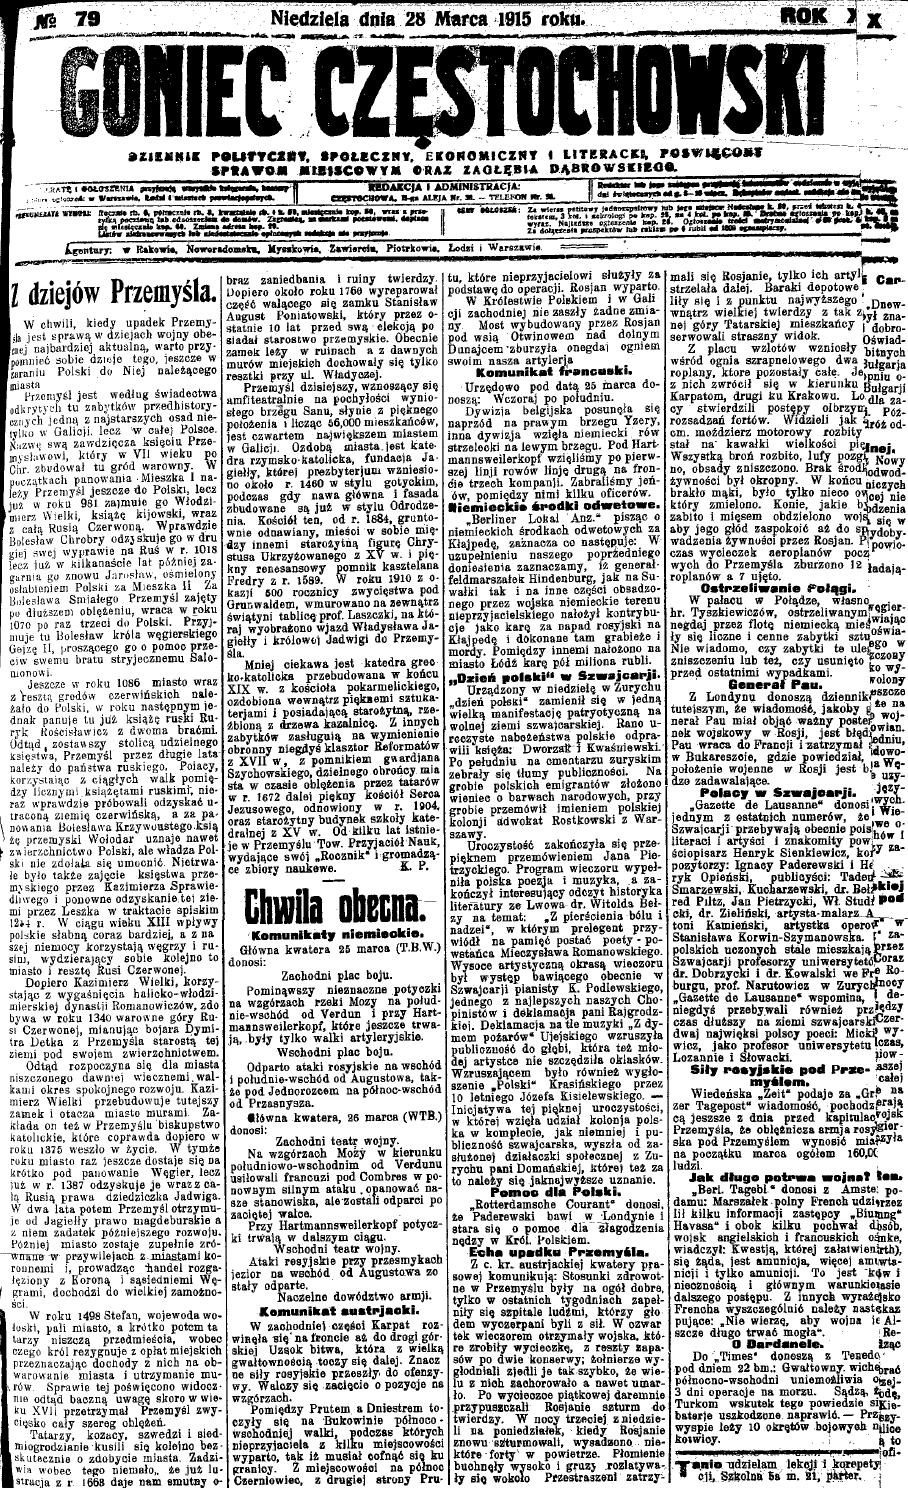 """Jednym ze źródeł artykułu jest """"Archiwum Akt Nowych"""" wydrukowane w numerze 79 """"Gońca Częstochowskiego"""" z 1915 roku."""